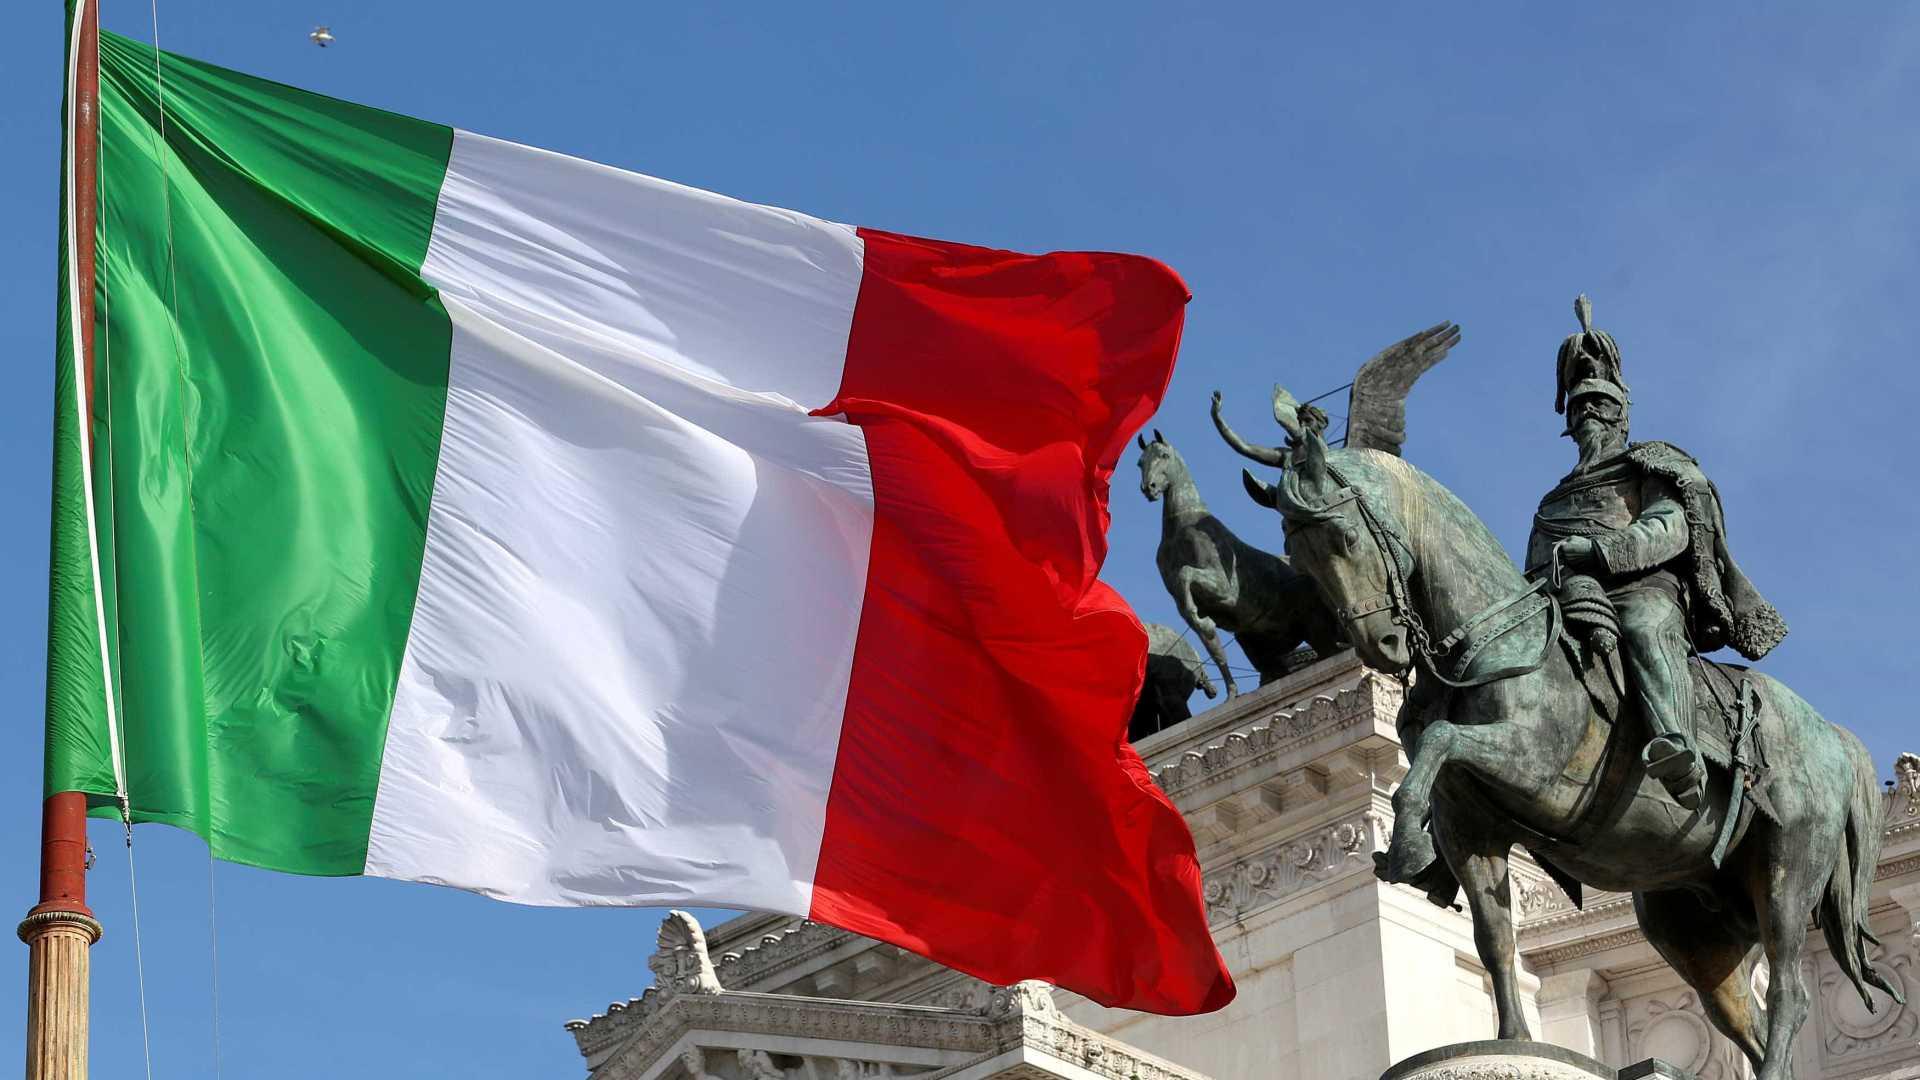 گزارش موسسه اعتباری مودیز درخصوص وضعیت اقتصادی ایتالیا